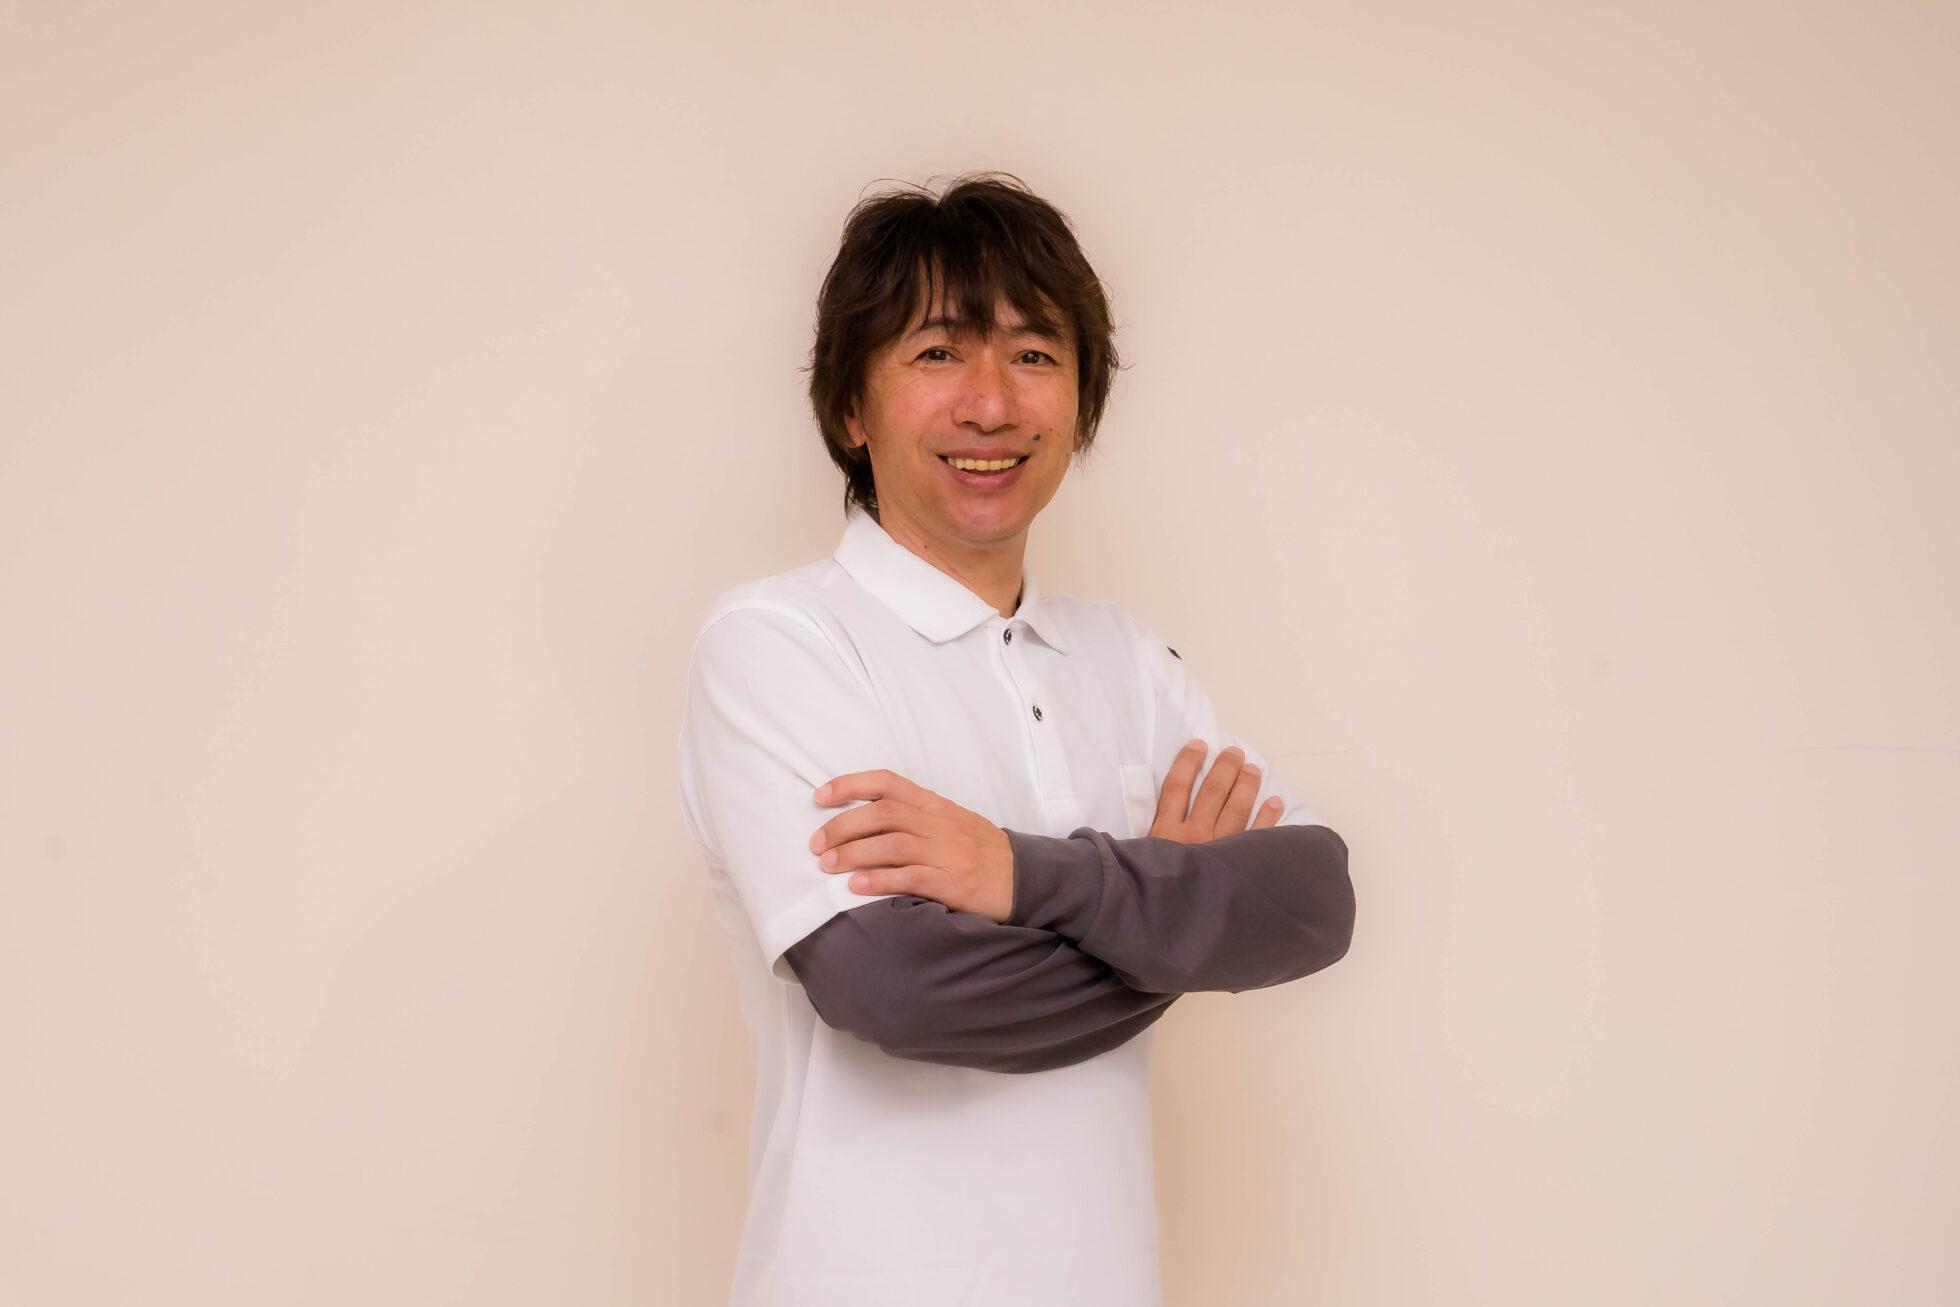 「新名 晃 (にいな あきら)」の顔写真